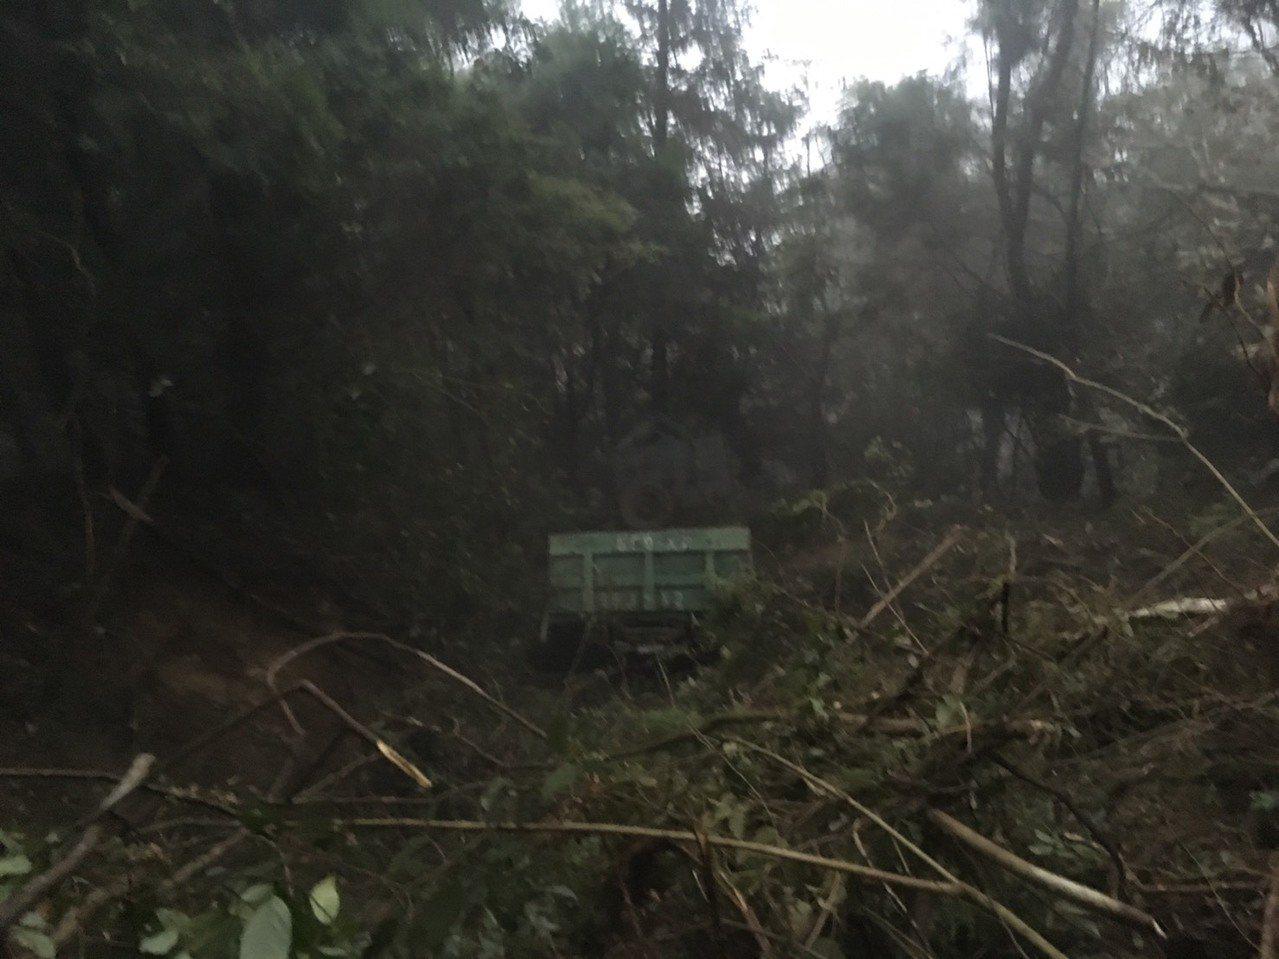 大貨車撞毀護欄墜谷,沿途樹木被夷平,可見衝擊力道之大。圖/南投縣消防局提供